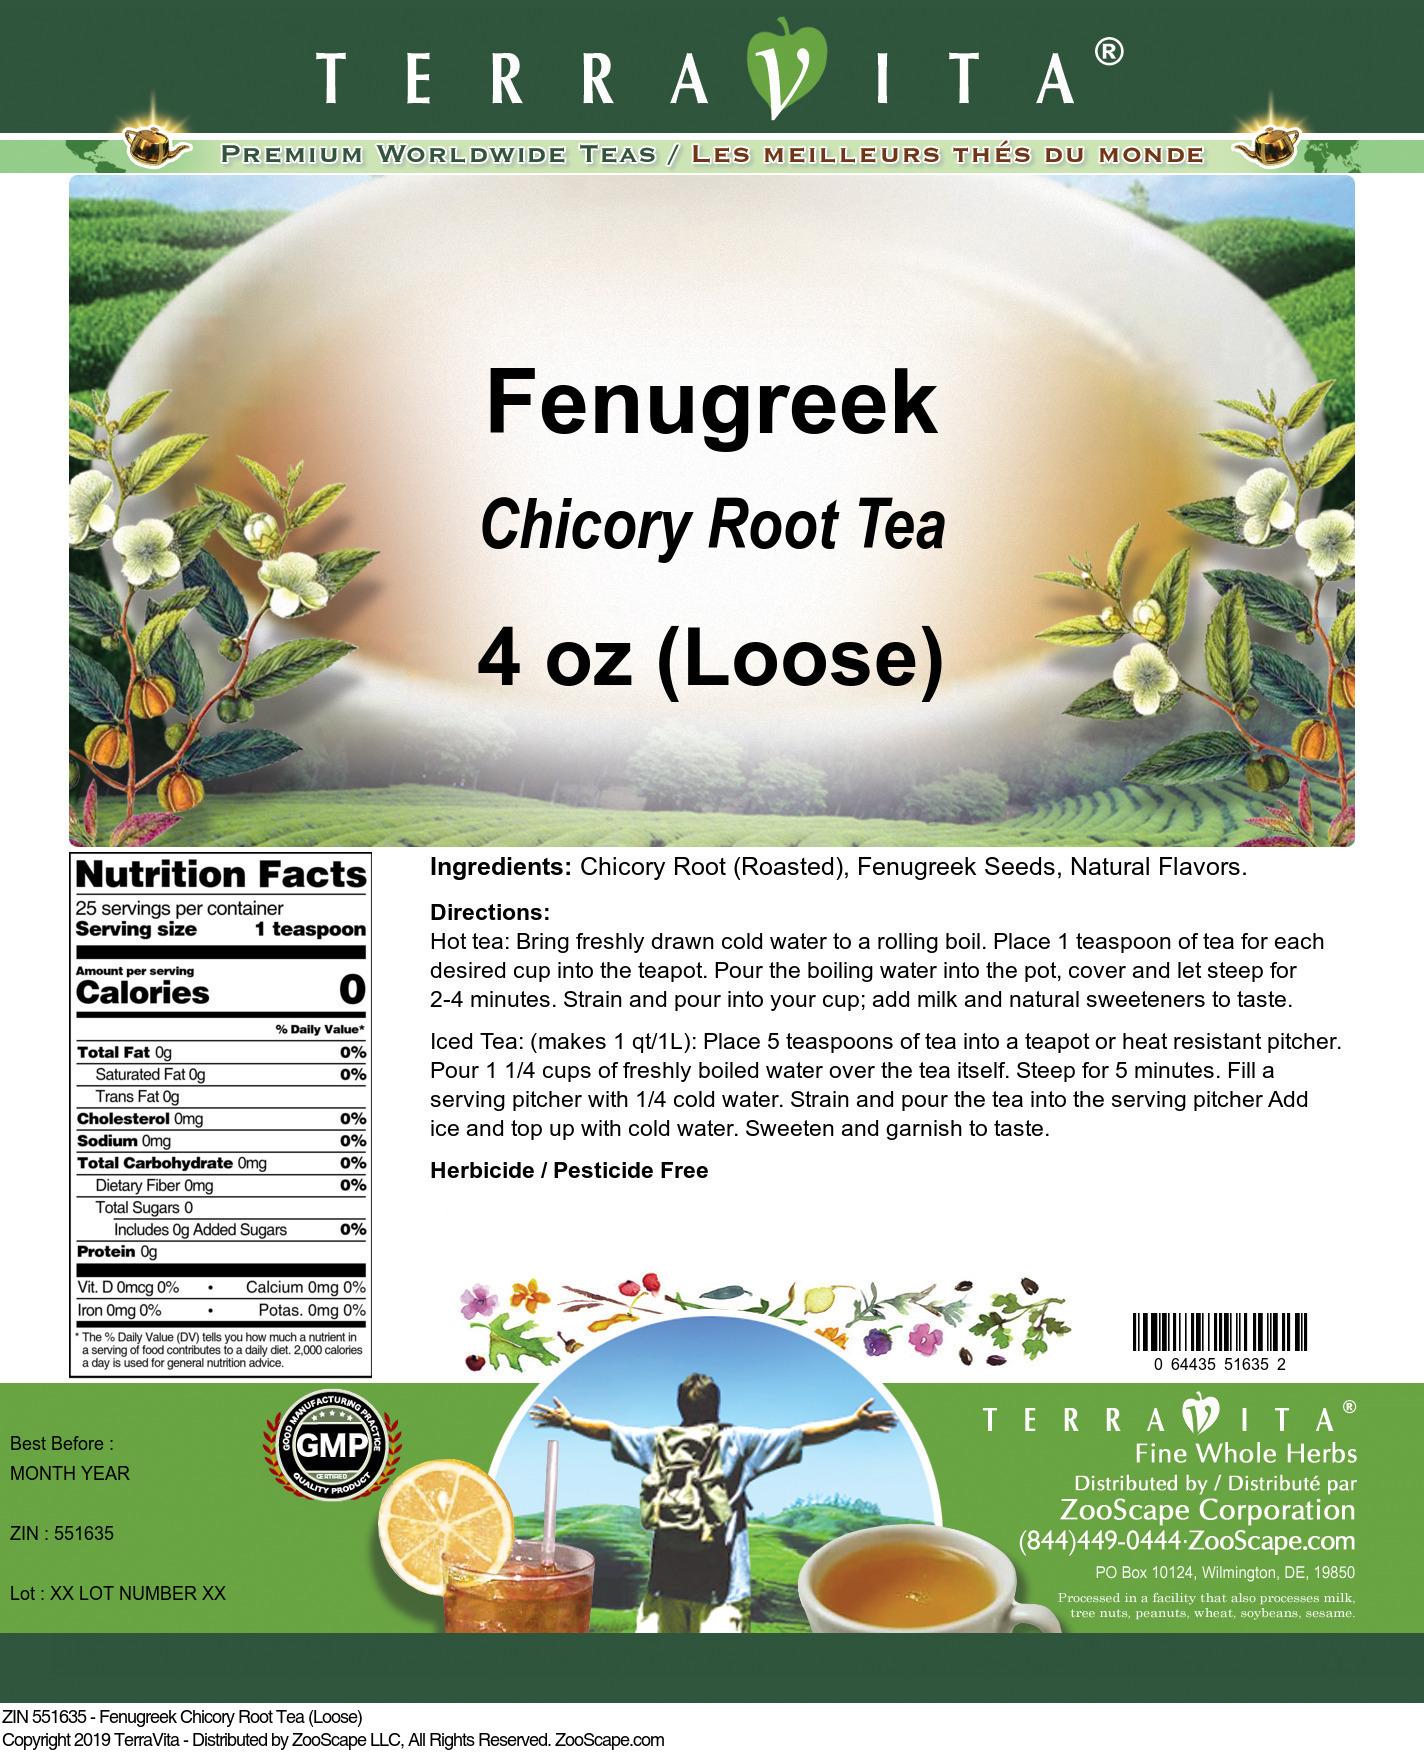 Fenugreek Chicory Root Tea (Loose)